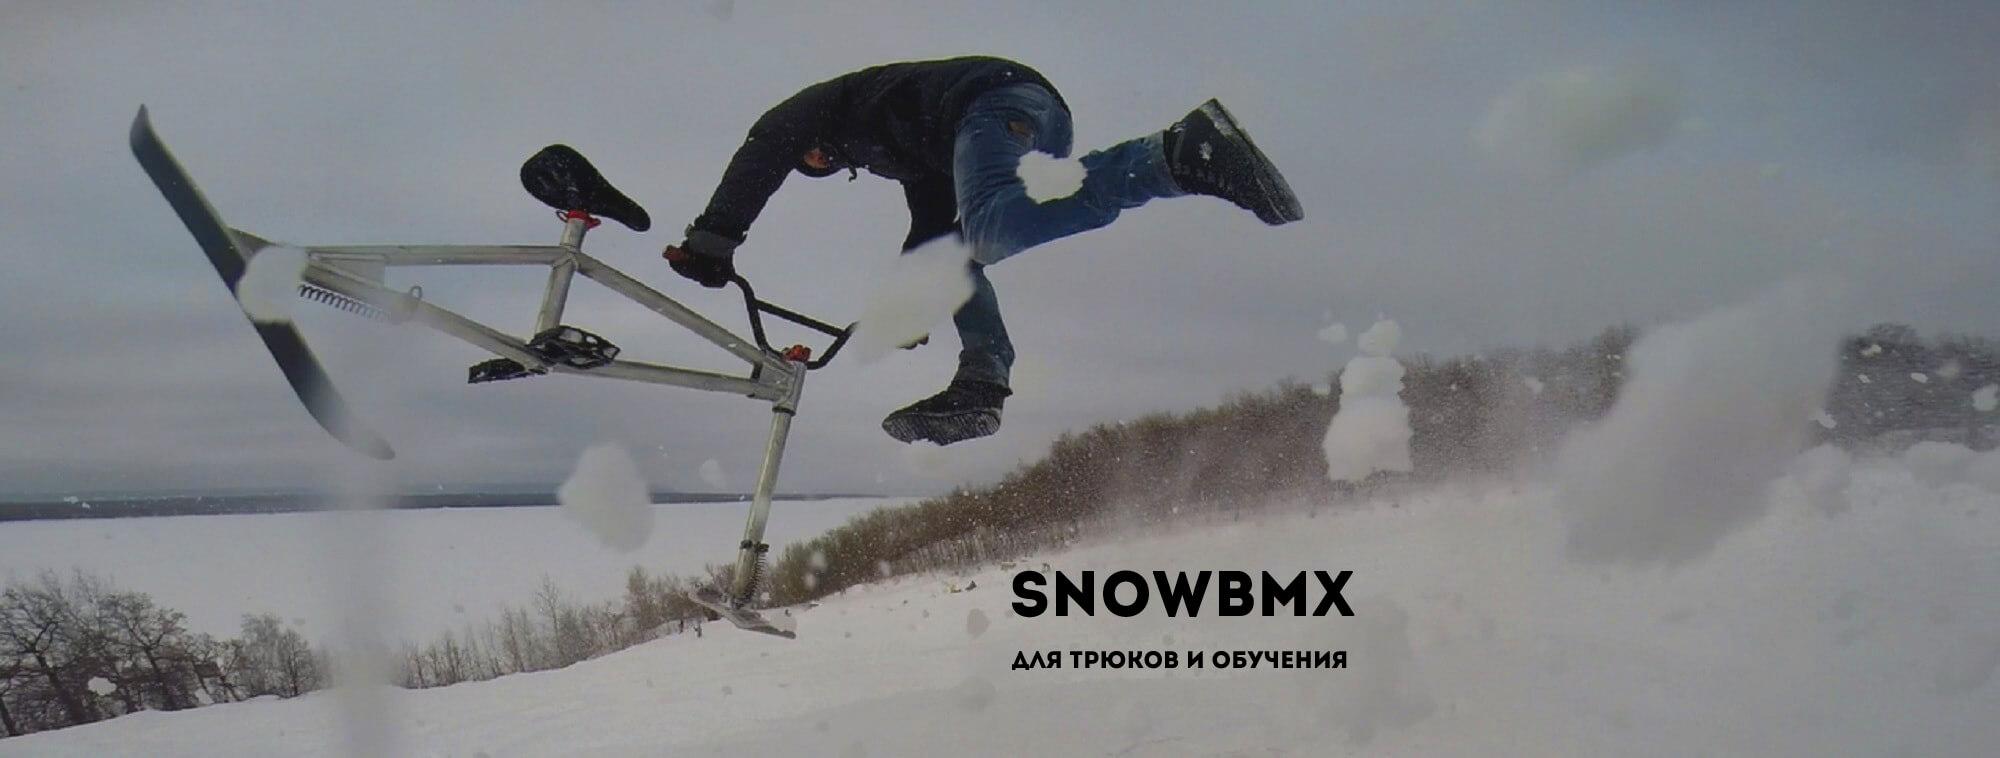 SnowBMX_7_min